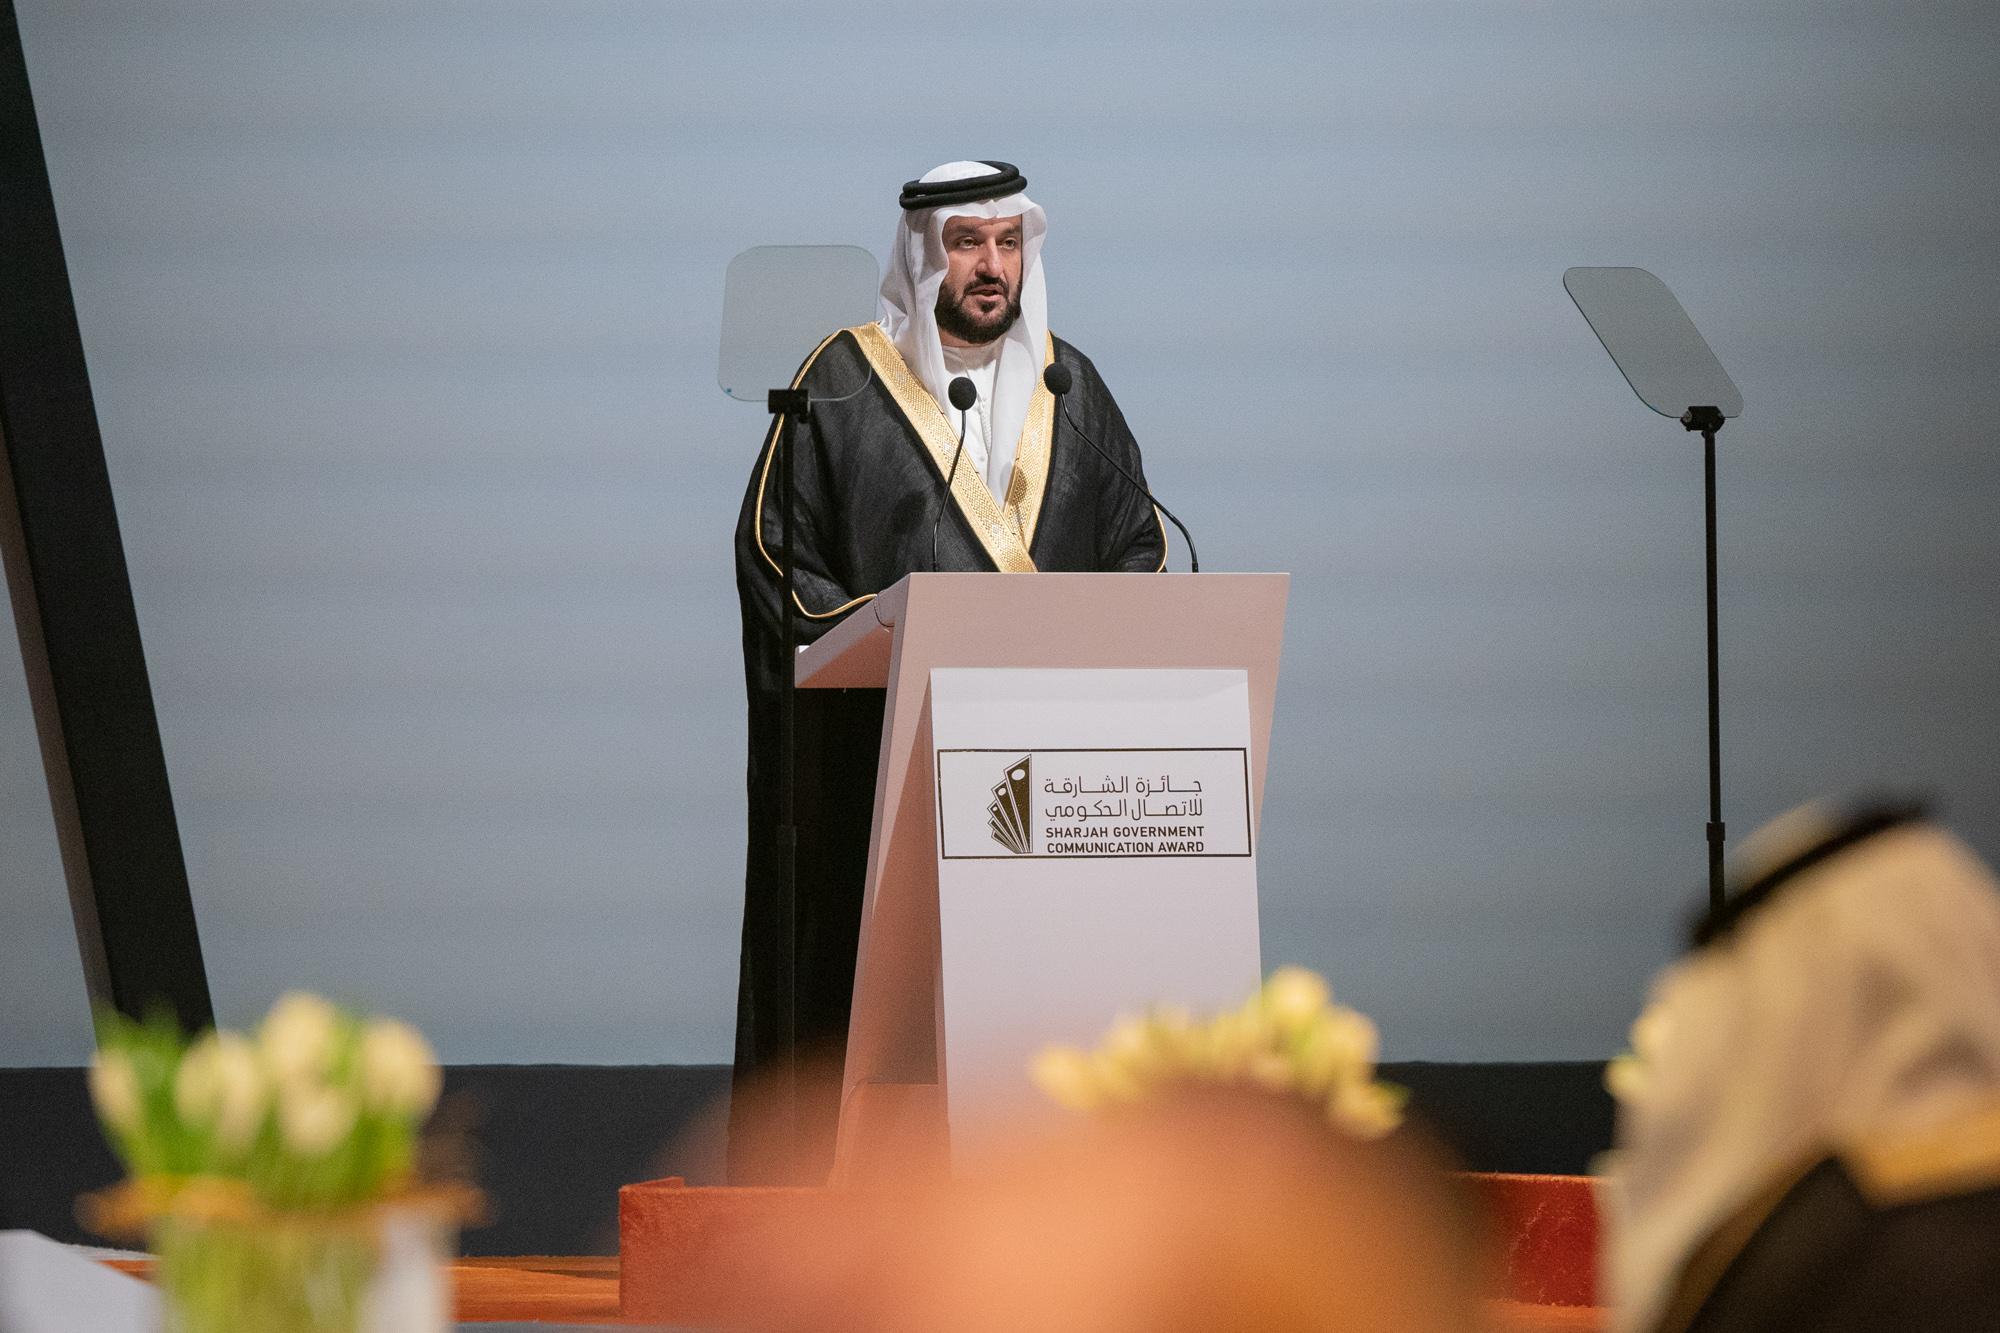 سلطان بن أحمد القاسمي يكرم الفائزين بجائزة الشارقة للاتصال الحكومي في دورتها الثامنة